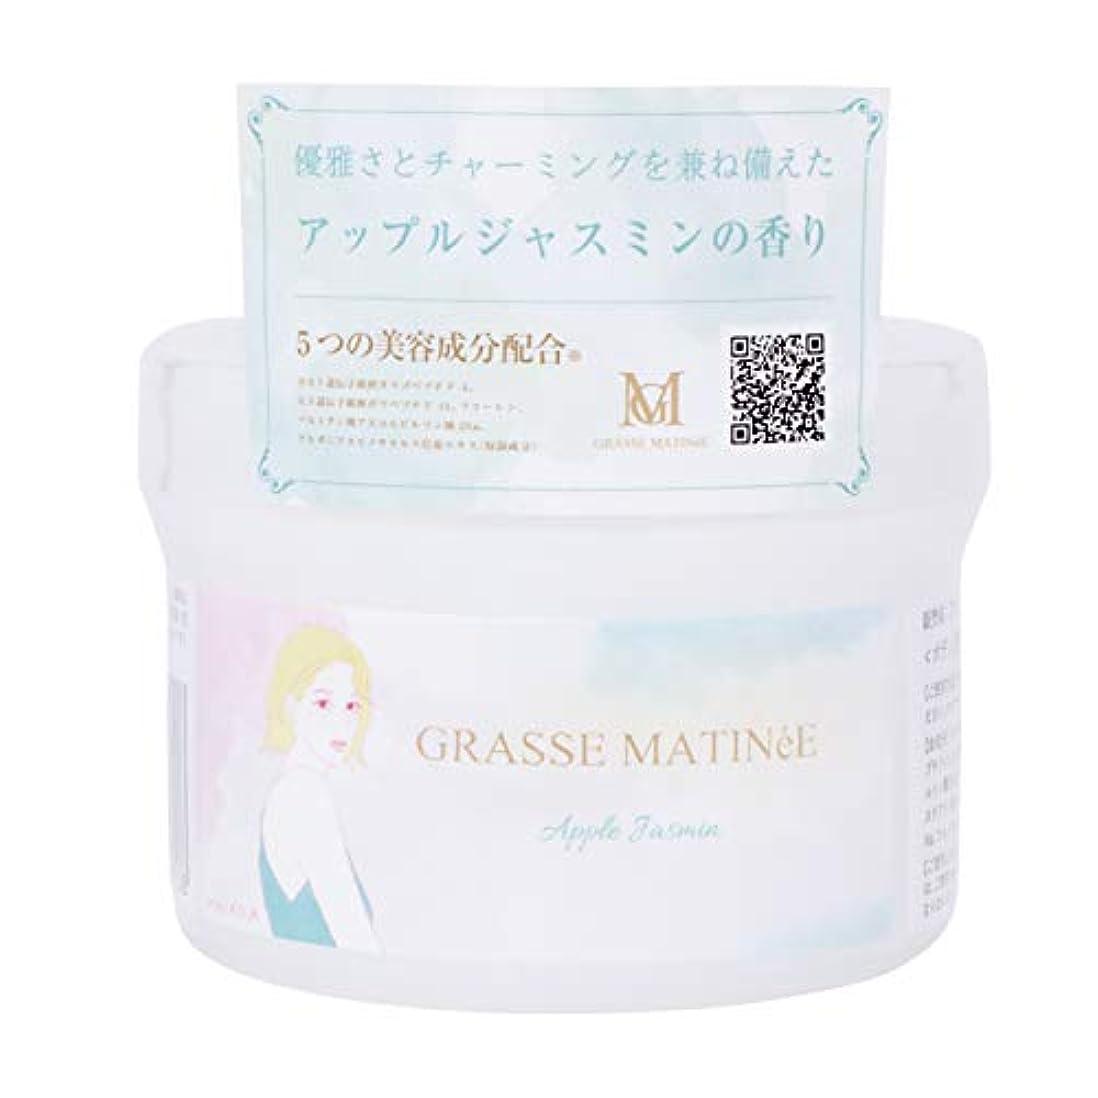 マトリックストライアスロンフルートグラスマティネ フレグランス ボディスクラブ アップルジャスミンの香り シュガータイプ